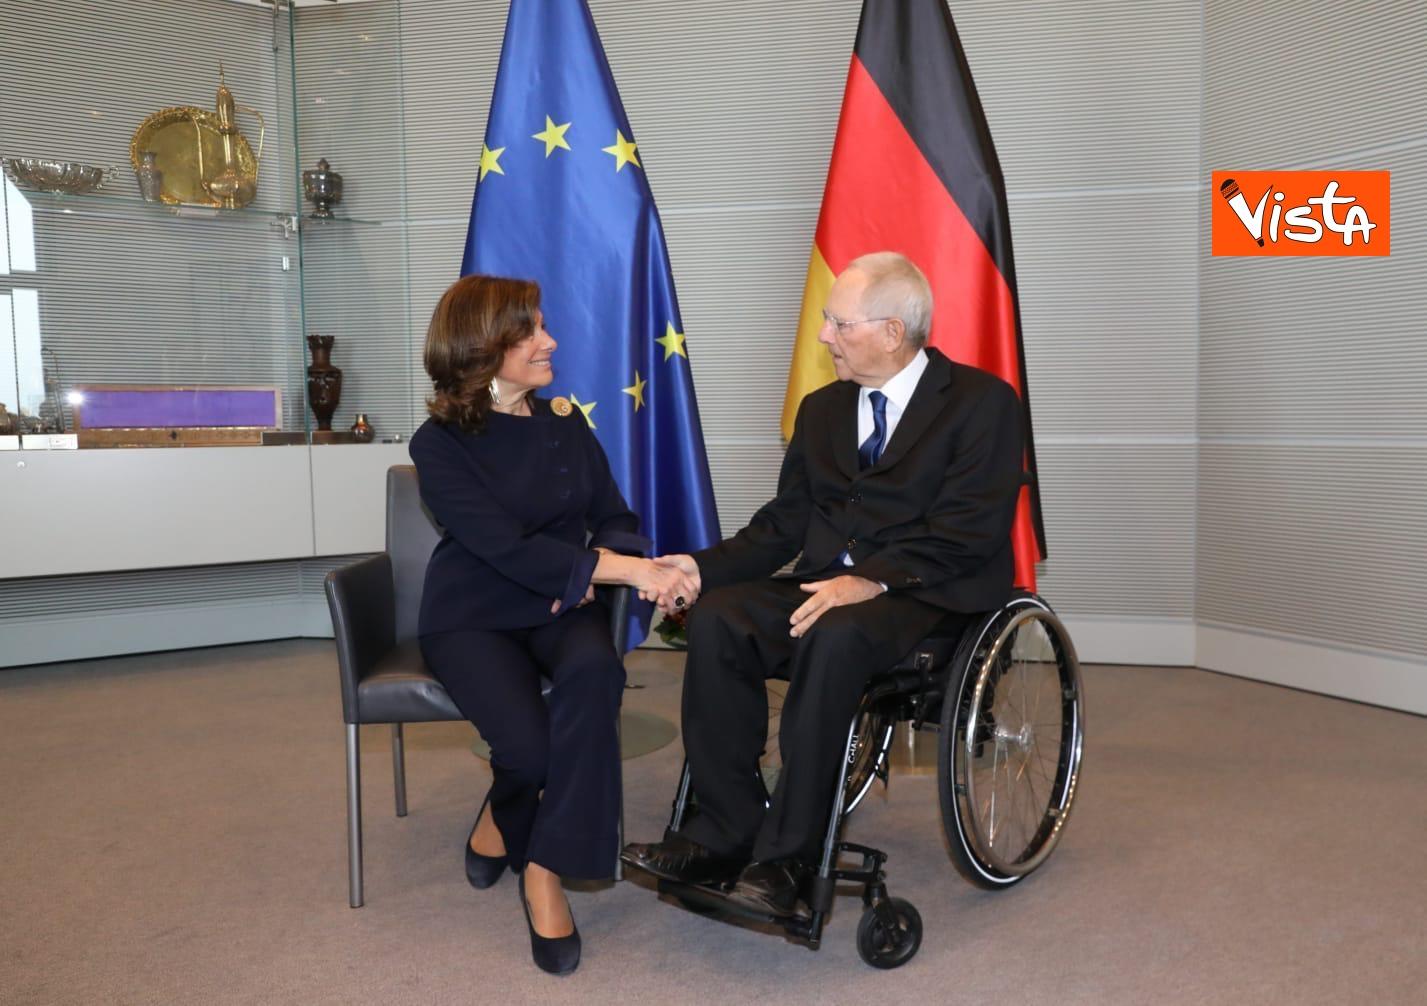 Casellati incontra il presidente del Bundestag Schauble a Berlino_05